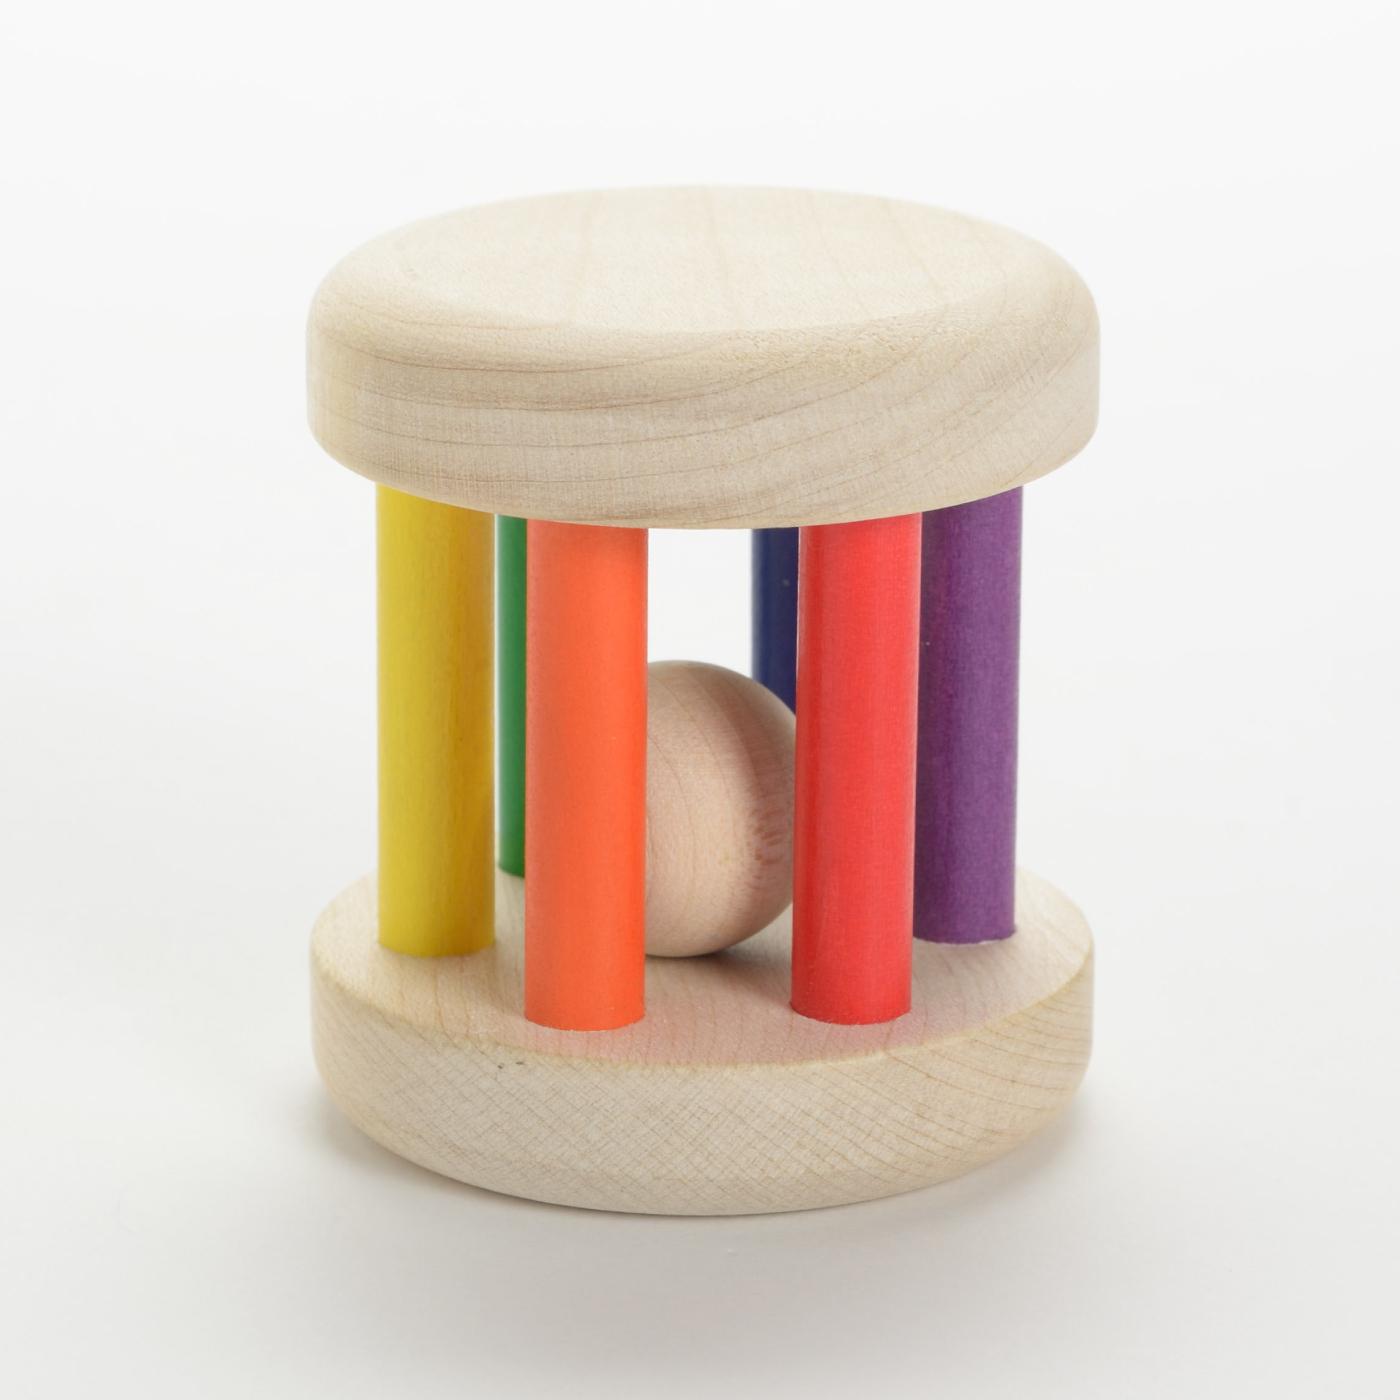 ドイツの木のおもちゃ プラウンハイマー カラーロール